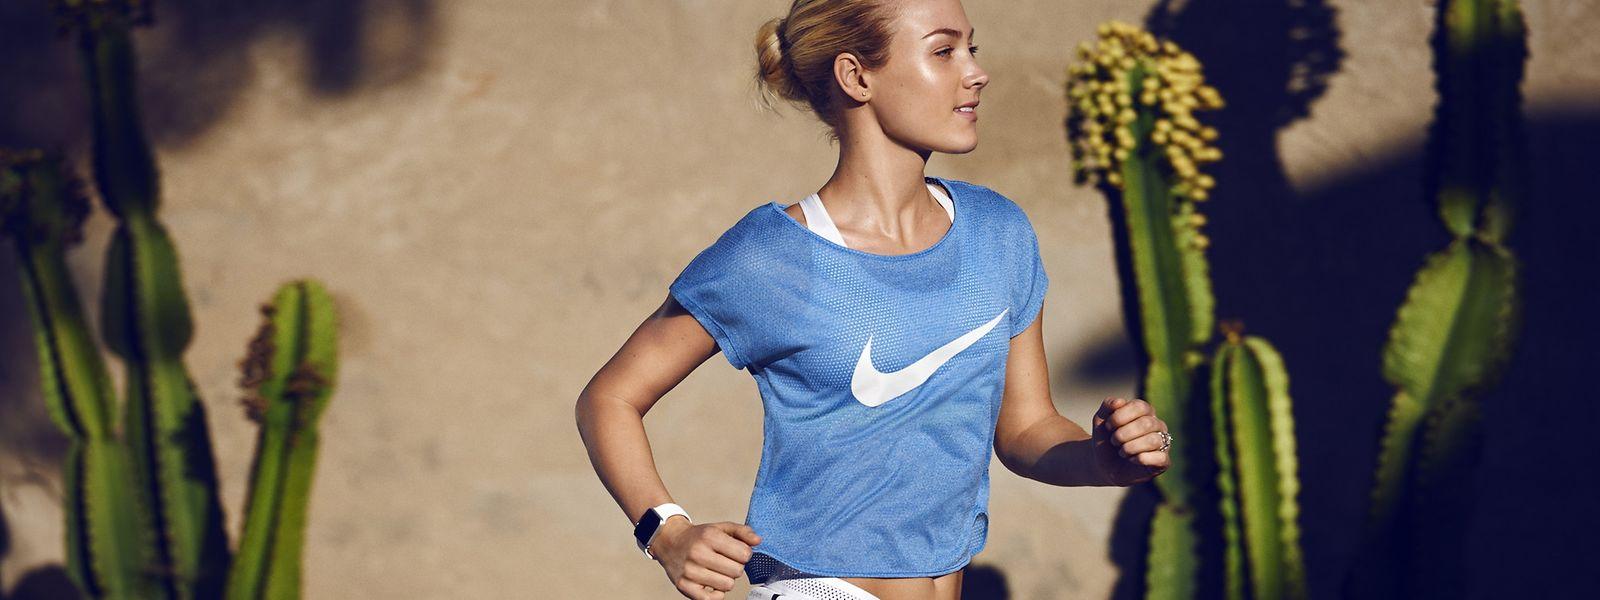 Das Textil-Netzgewebe Mesh ist für Sportkleidung beliebt, da es den Schweiß von der Haut transportiert.